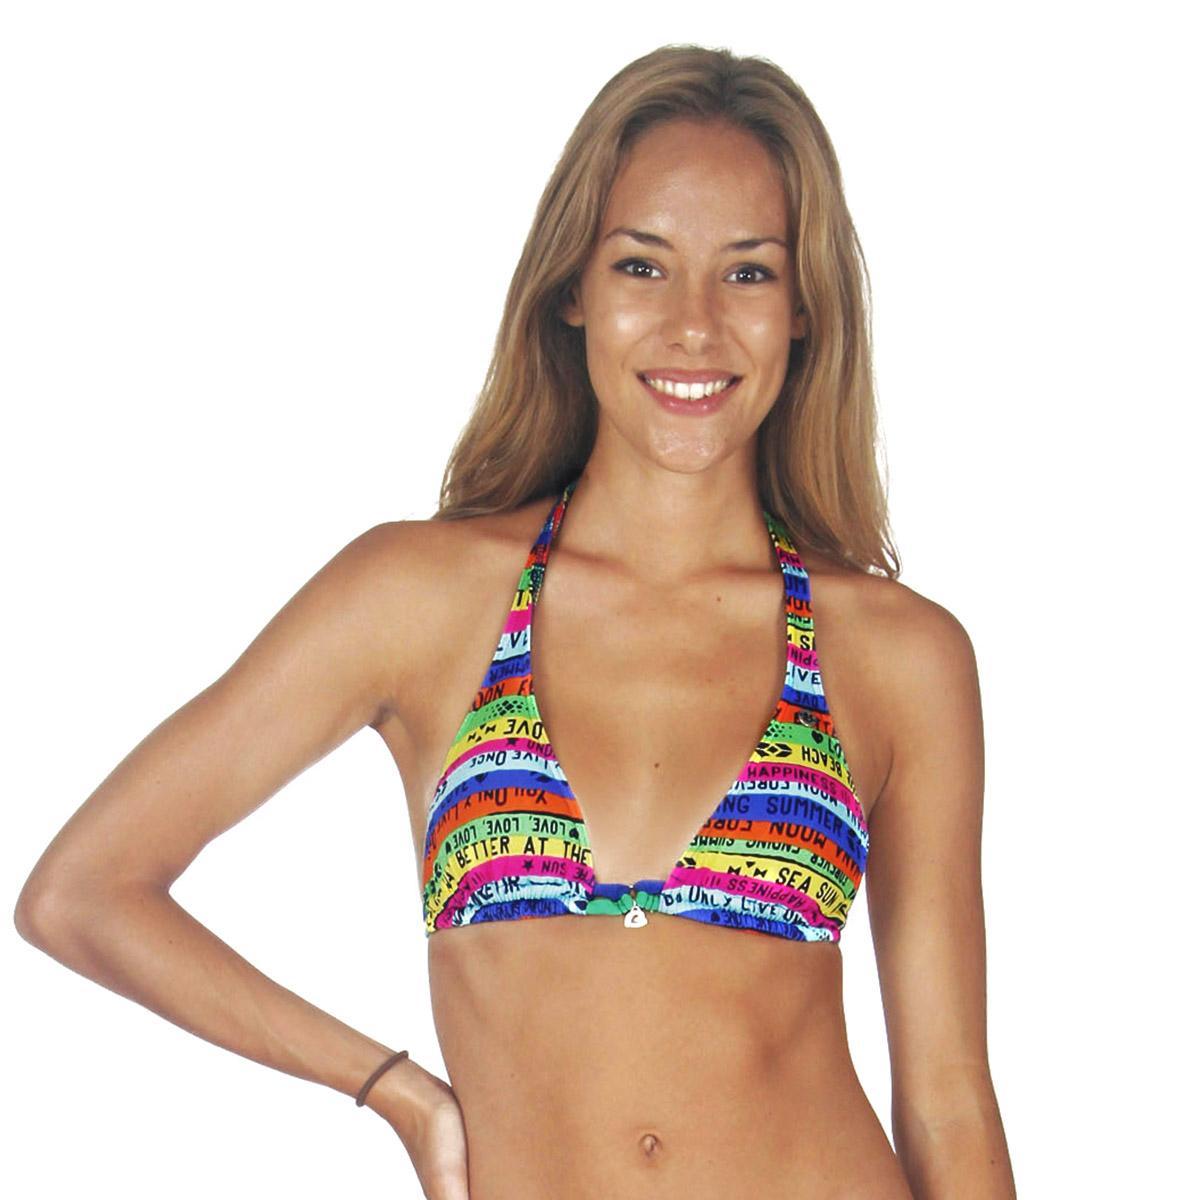 77a3e23d17 Maillot bain 2 pièce Banana Moon - Bikini fluo nouvelle collection